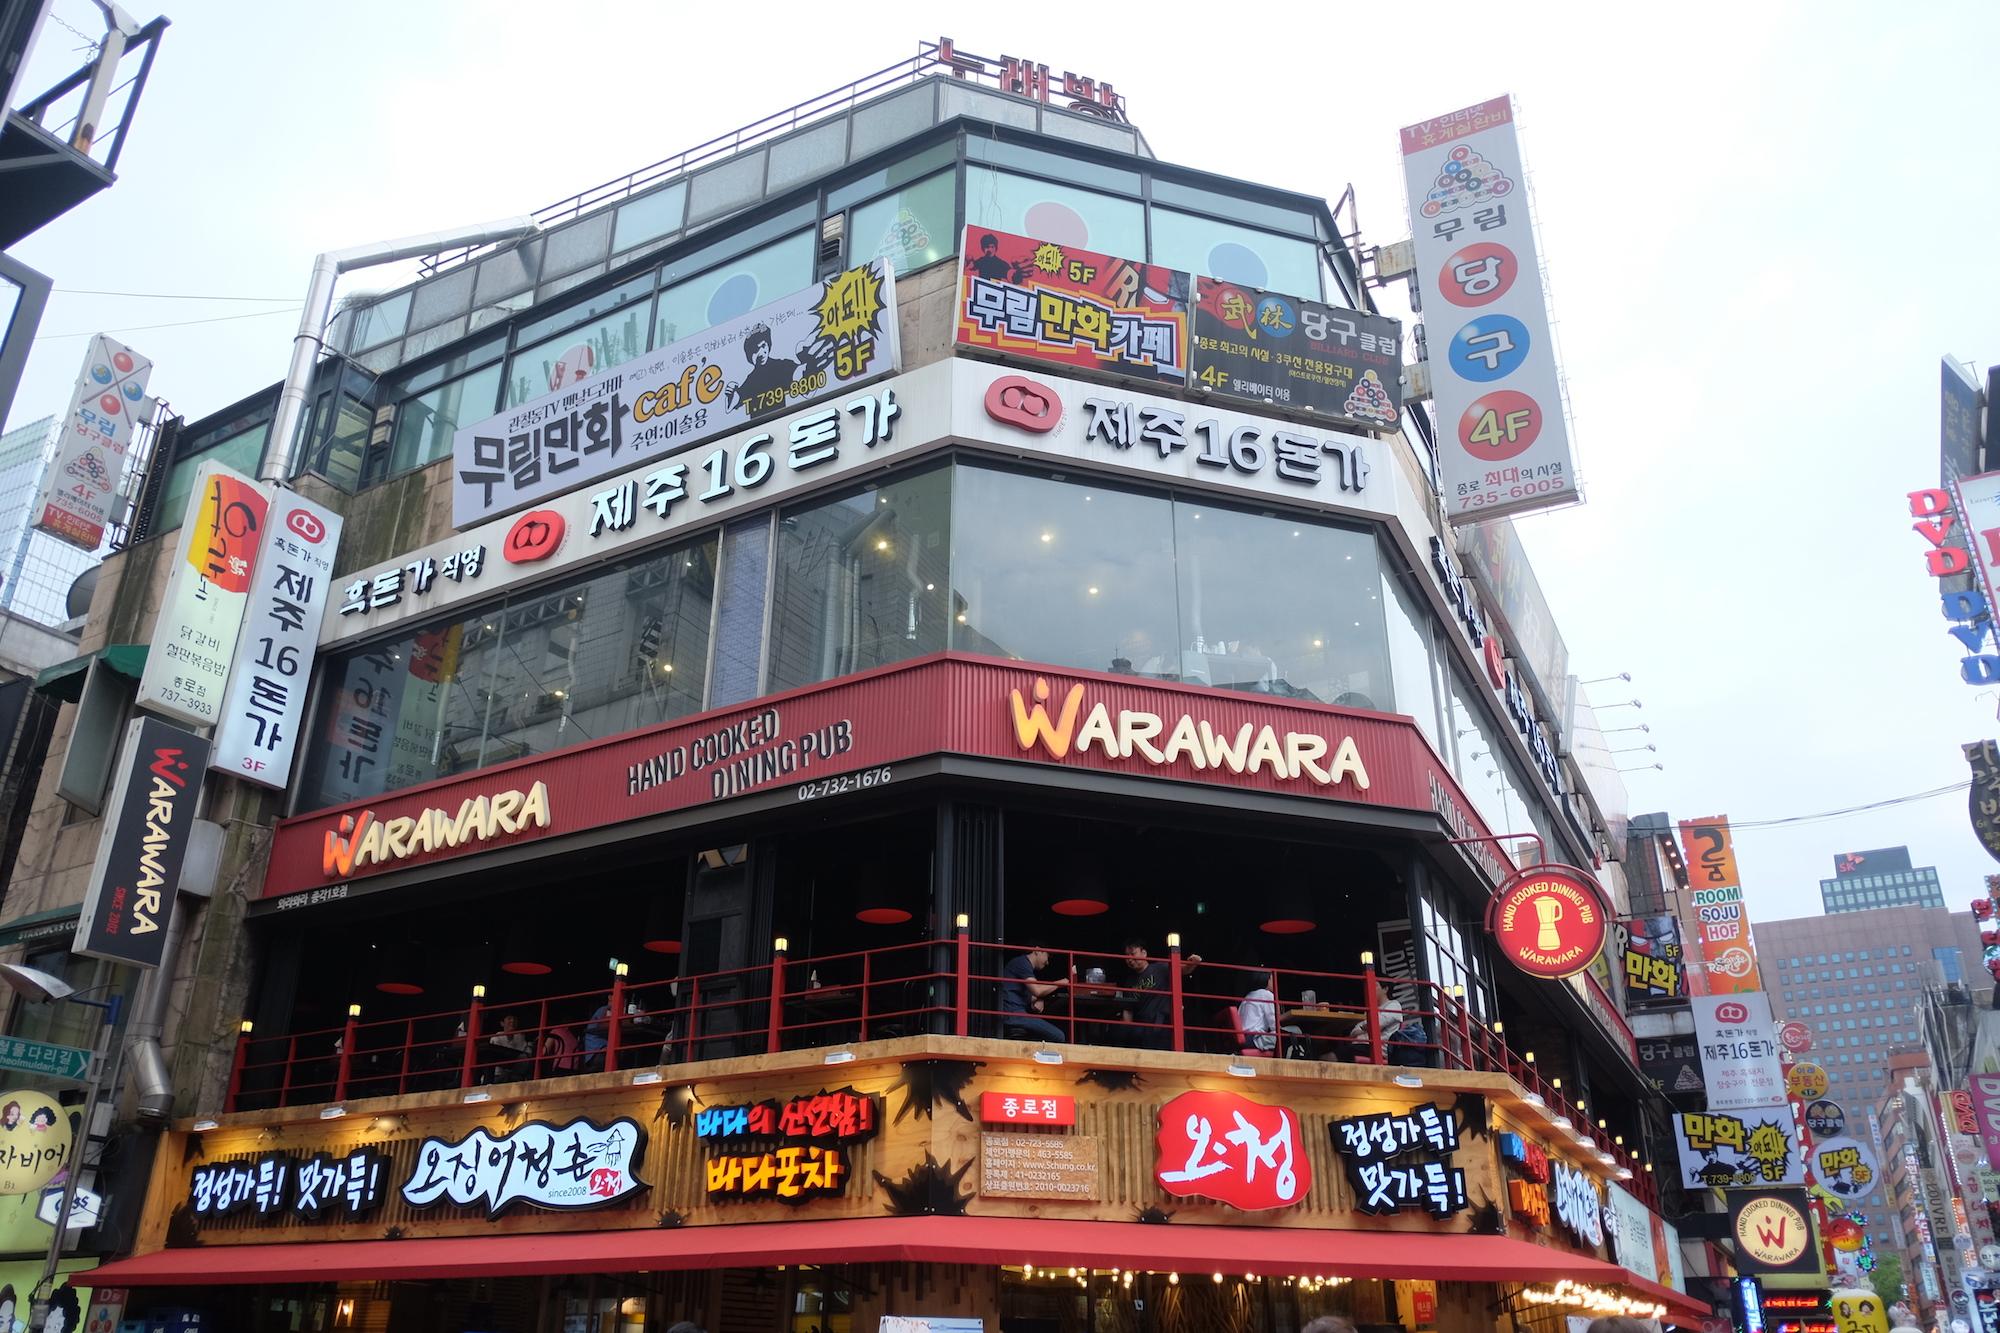 Coreeseoul00087